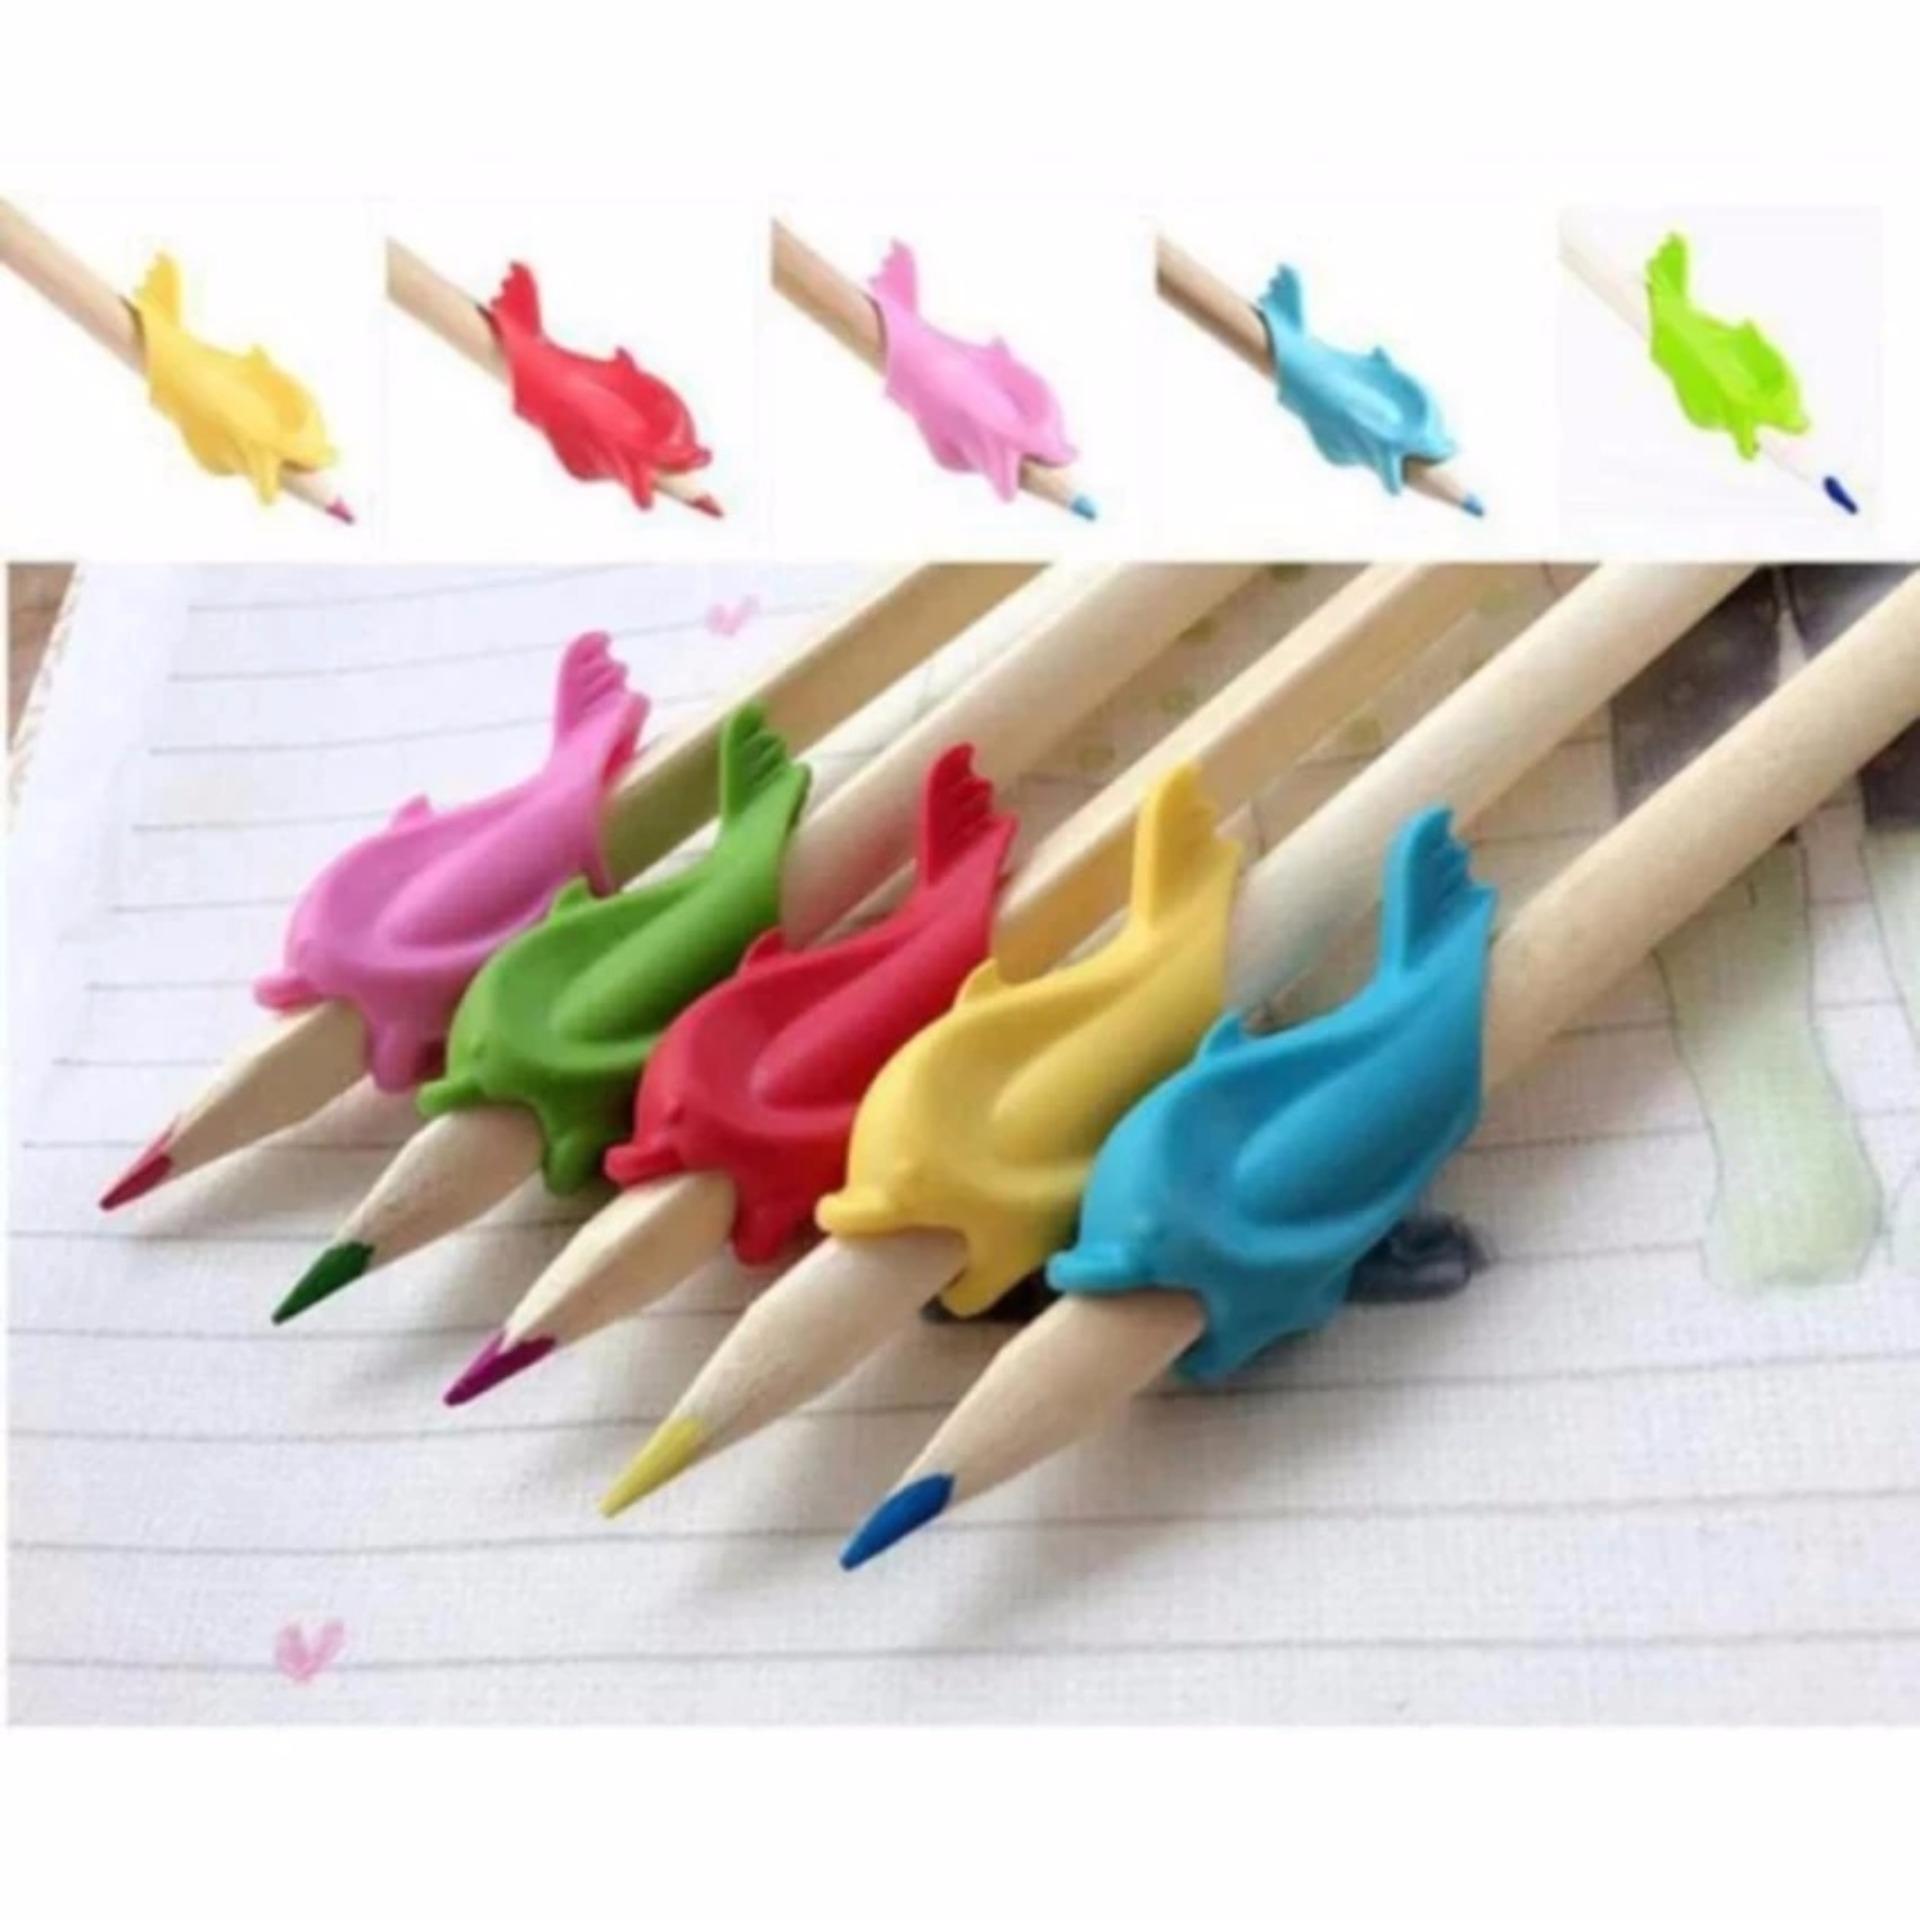 Trang bán Bộ 5 dụng cụ cầm bút đúng, đệm tay cho bé tập viết